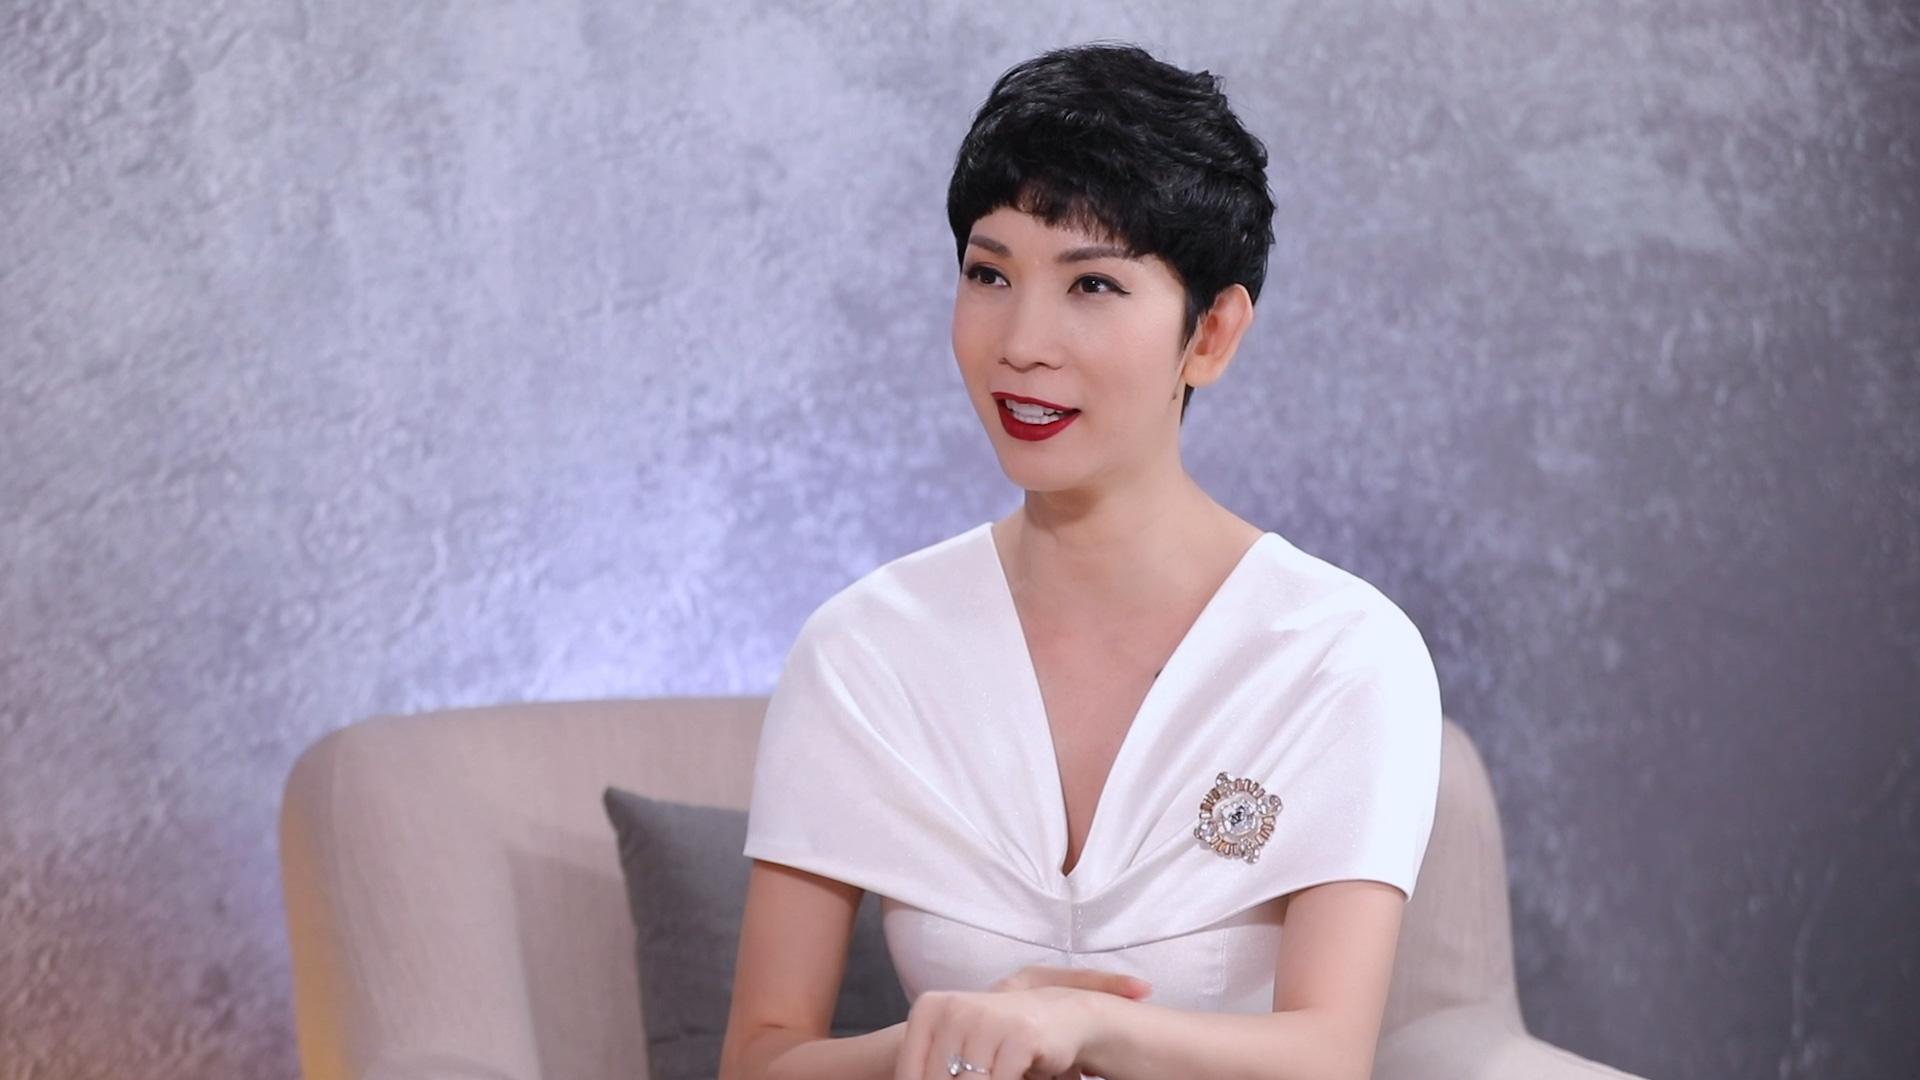 """Dương Triệu Vũ: """"Anh Hoài Linh sinh ra lúc gia đình có xe hơi, còn tôi sinh ra phải ở chuồng heo"""" - Ảnh 3."""